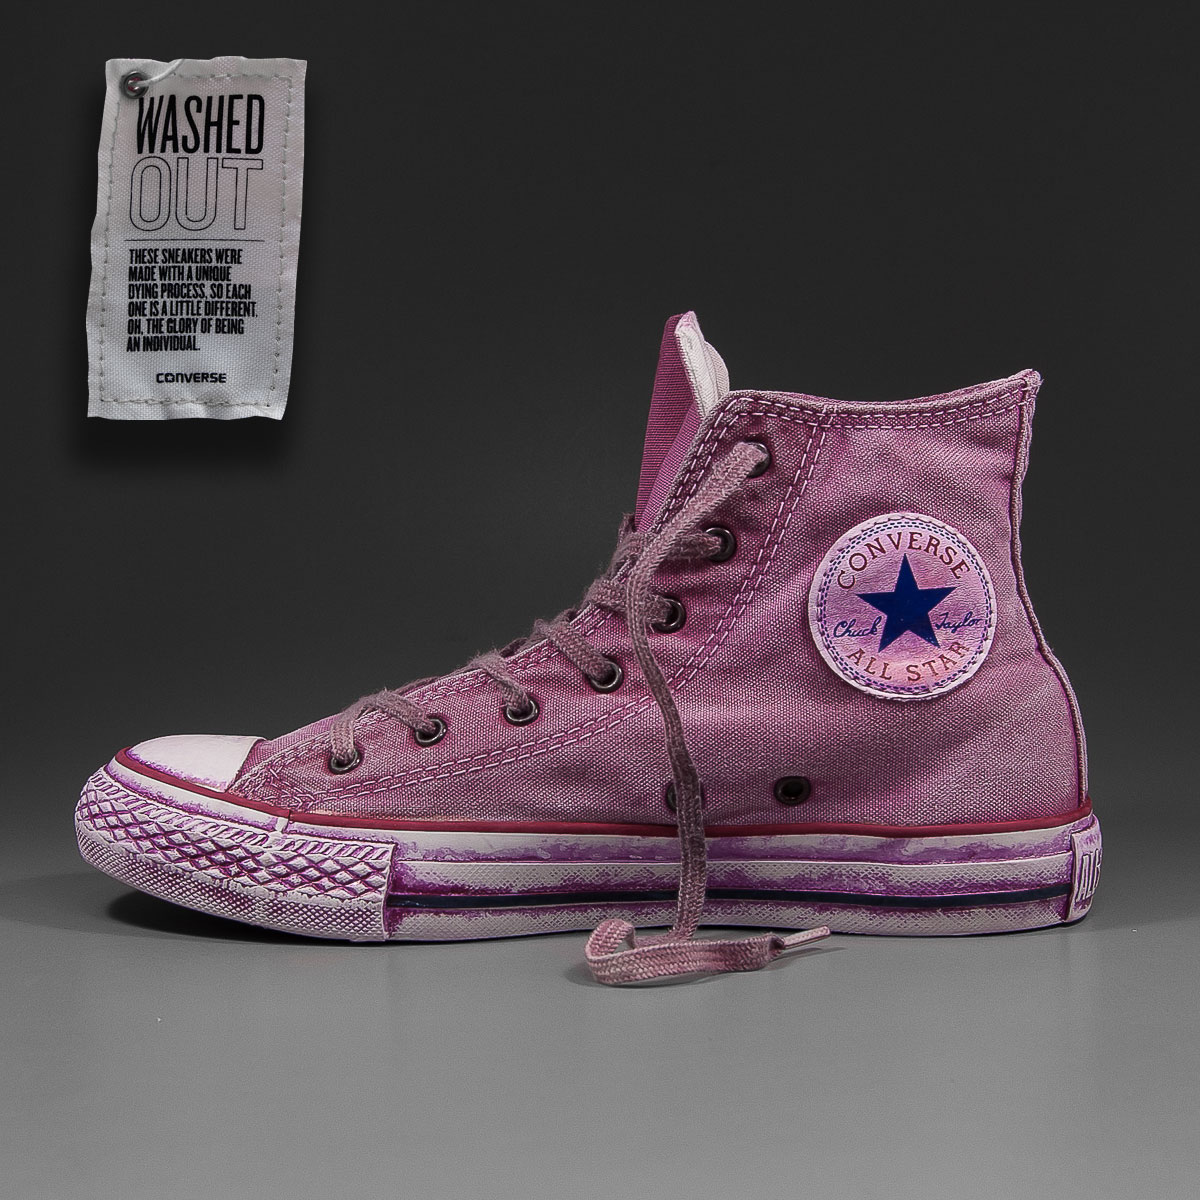 9052ed7c0172 SOLEKITCHEN  Converse - All Star Hi Premium Washed - dark purple